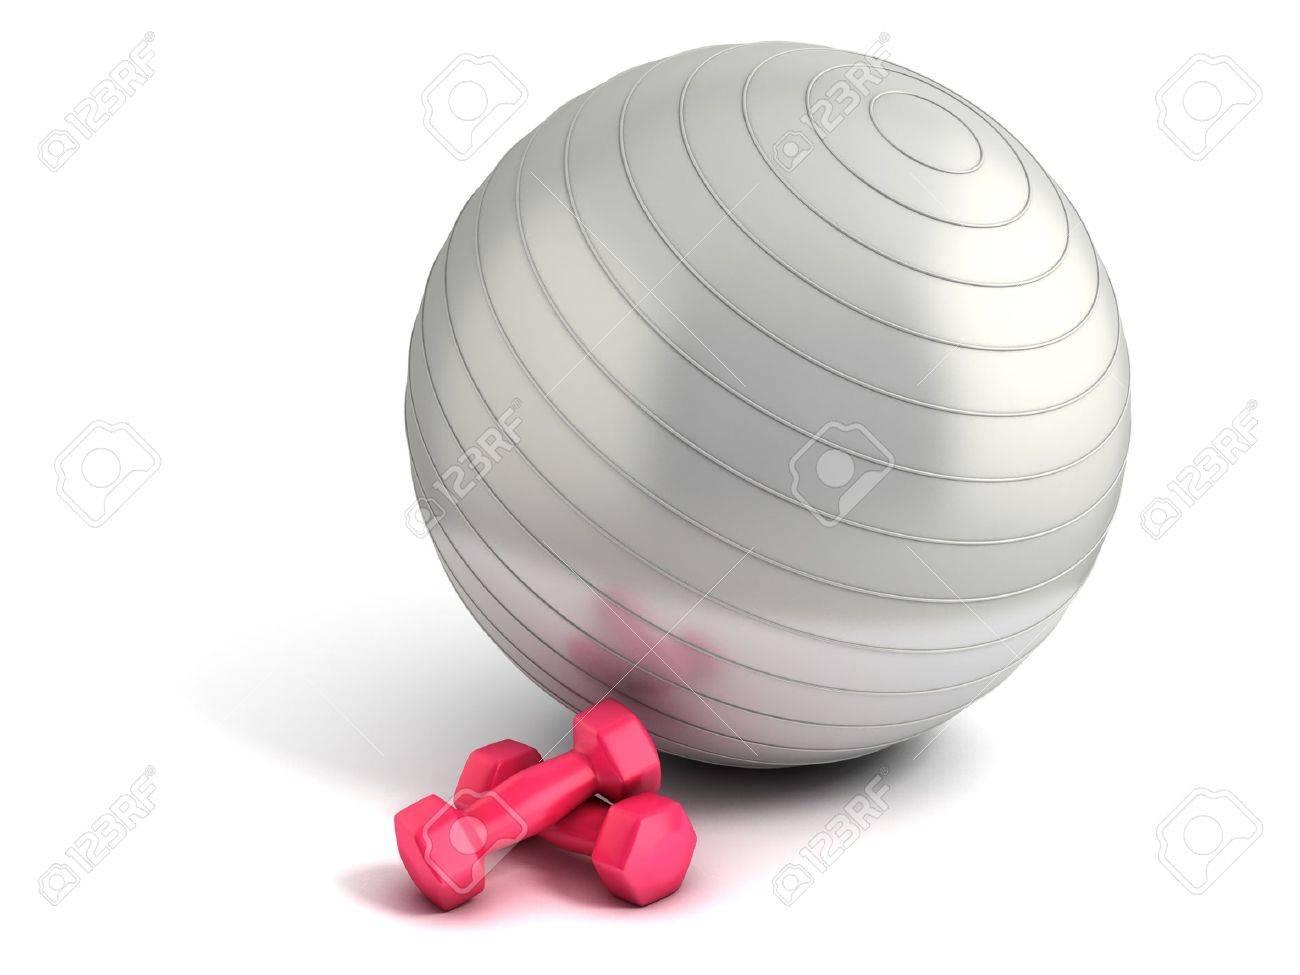 ballon de fitness et de musculation isolés banque d'images et photos